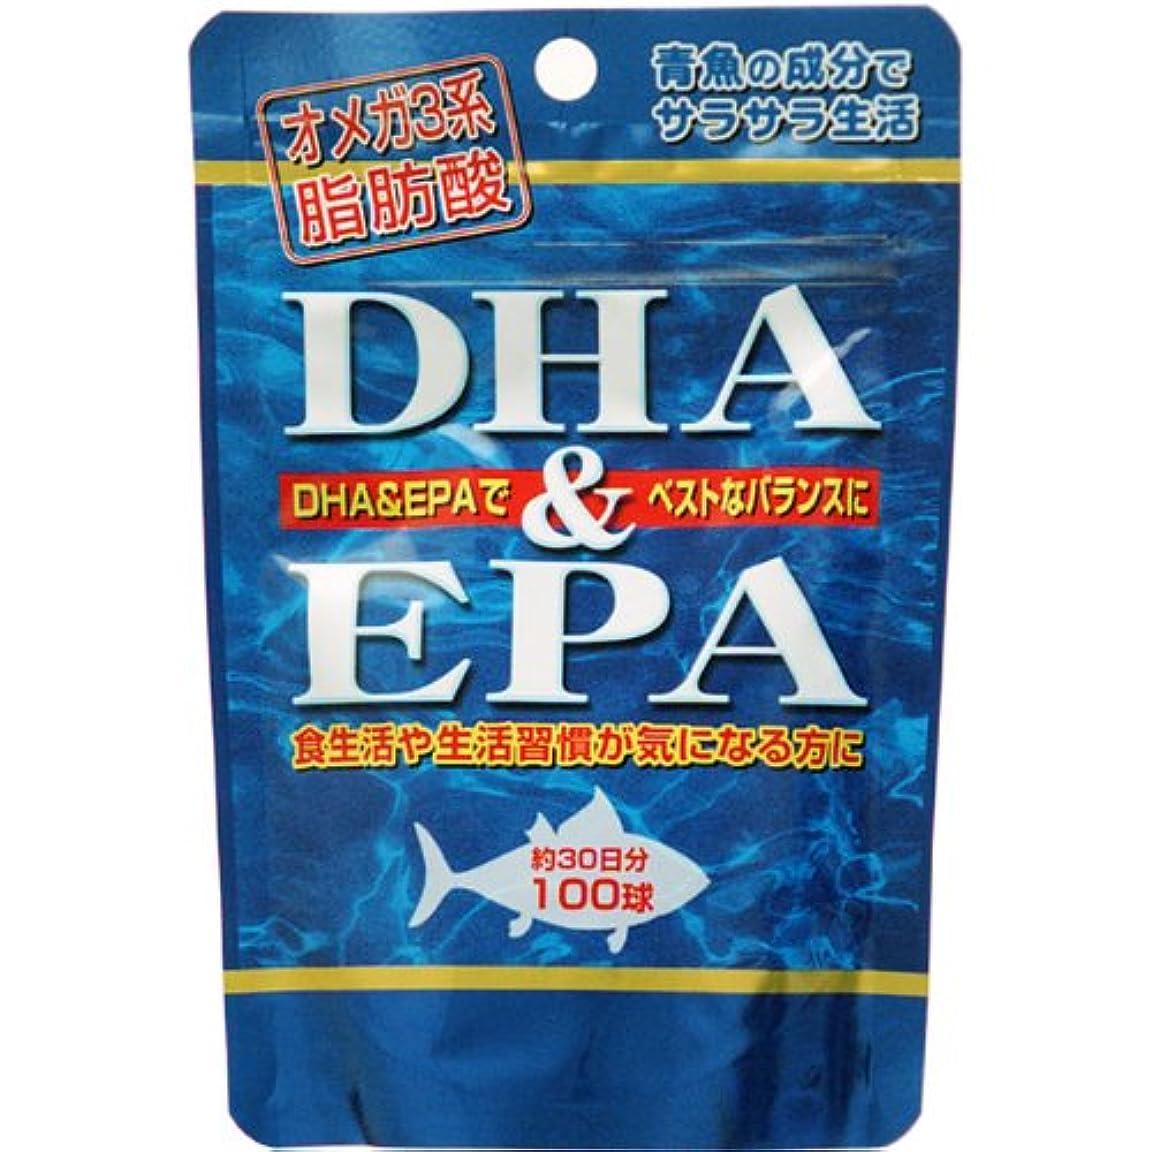 フォーマット比類のない非効率的なDHA(ドコサヘキサエン酸)&EPA(エイコサペンタエン酸)